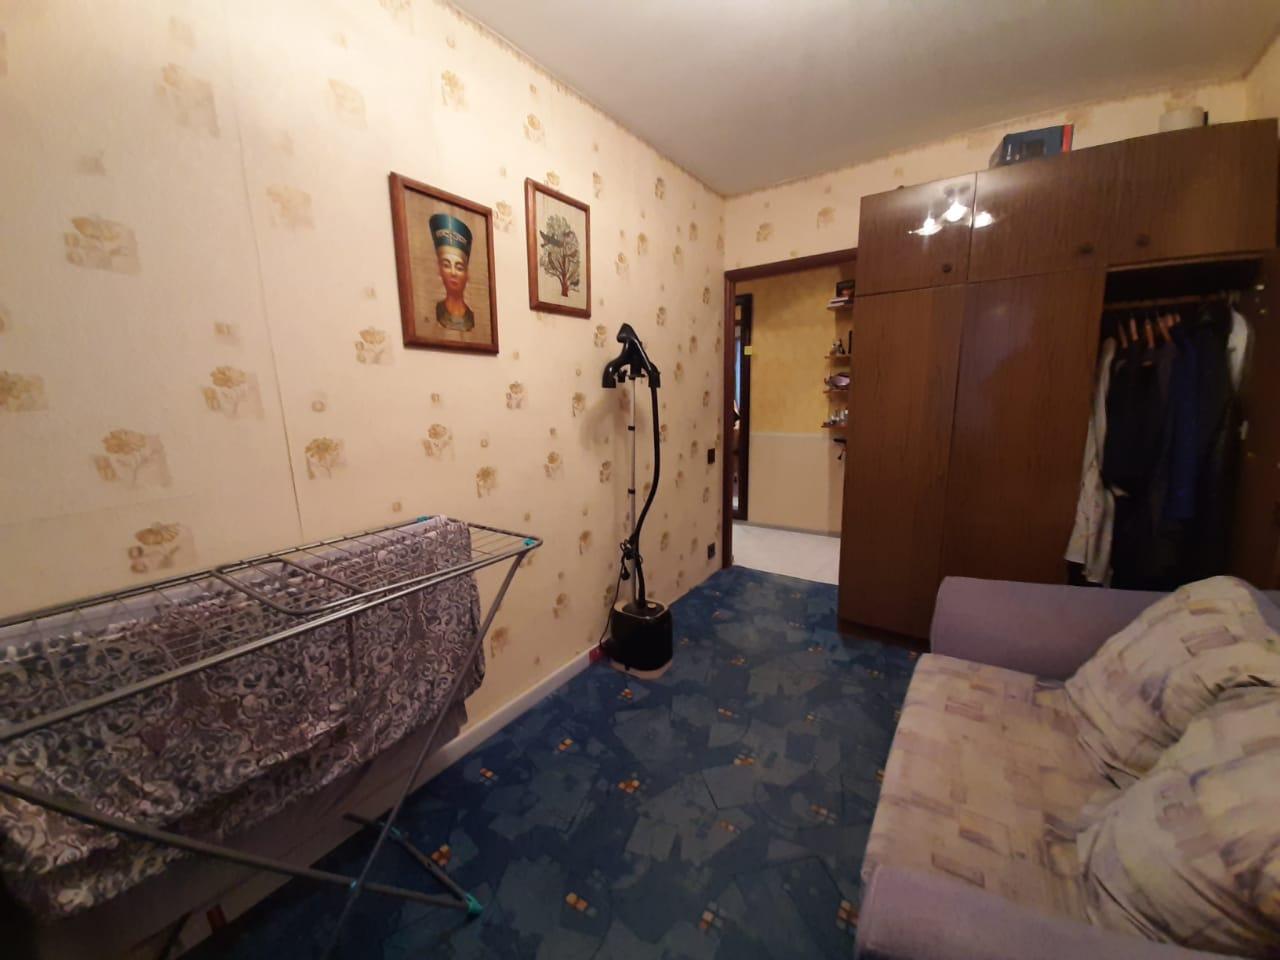 Квартира на продажу по адресу Россия, Московская область, городской округ Ступино, Ступино, Первомайская улица, 37